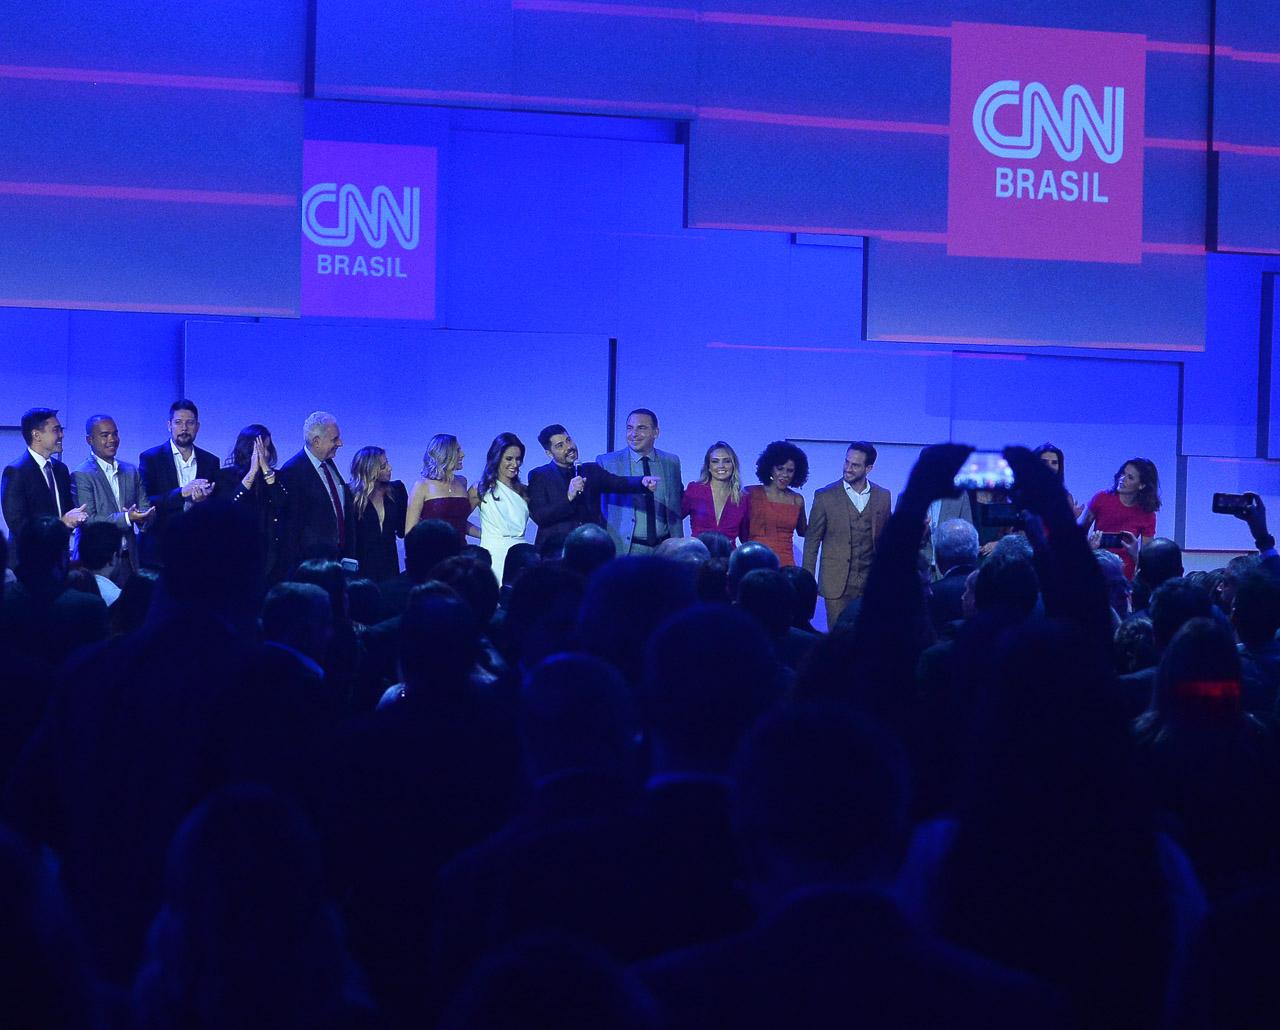 Monaliza Perrone, Evaristo Costa, Reinaldo Gotino e mais famosos participam do lançamento da CNN Brasil